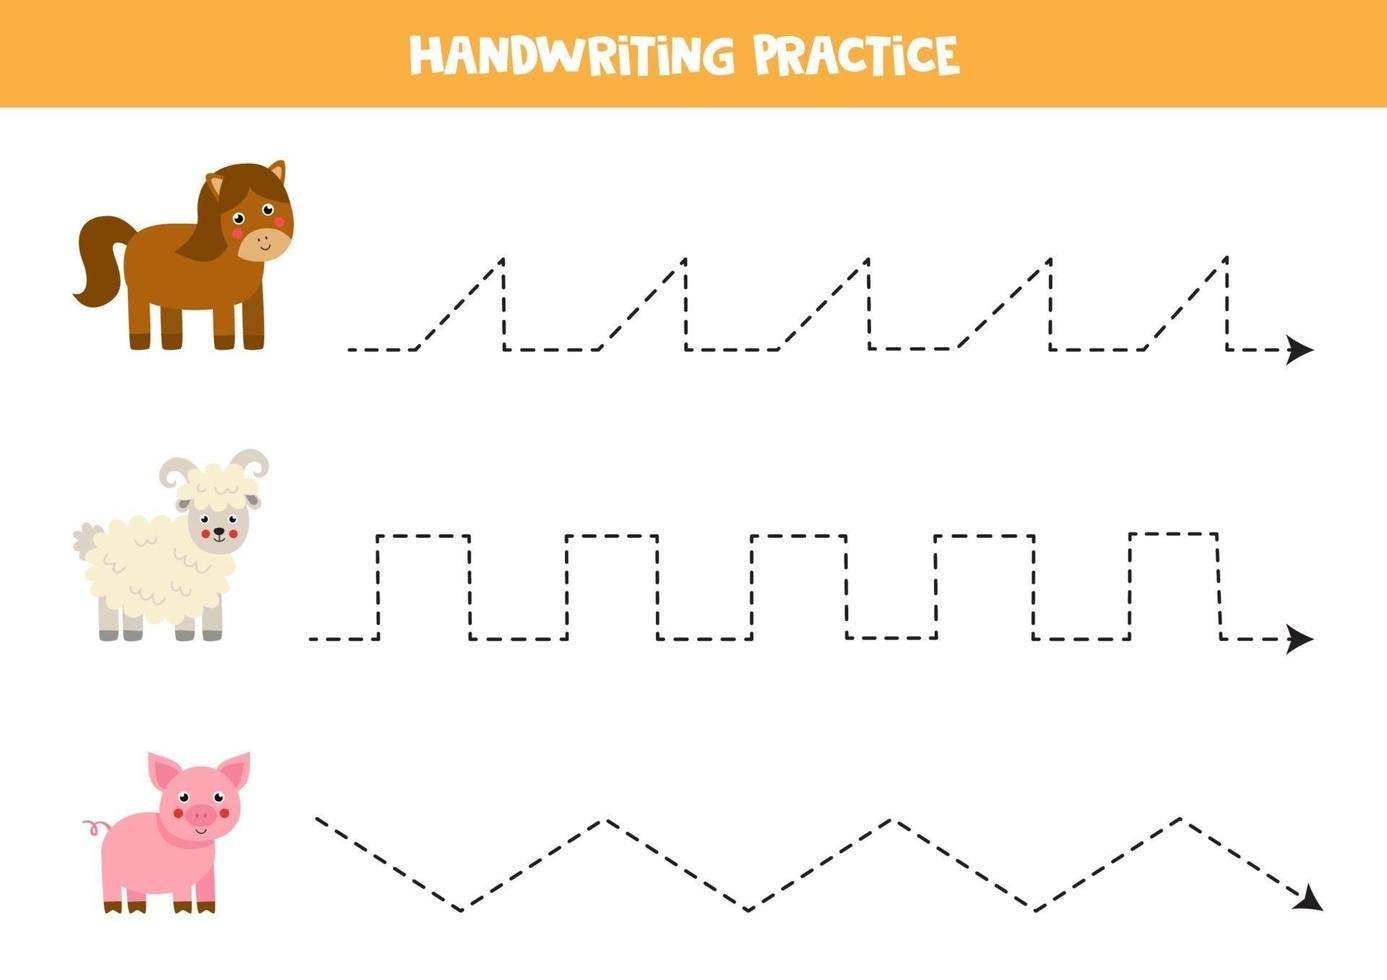 traceer de lijnen met boerderijdieren. Schrijf oefening. vector